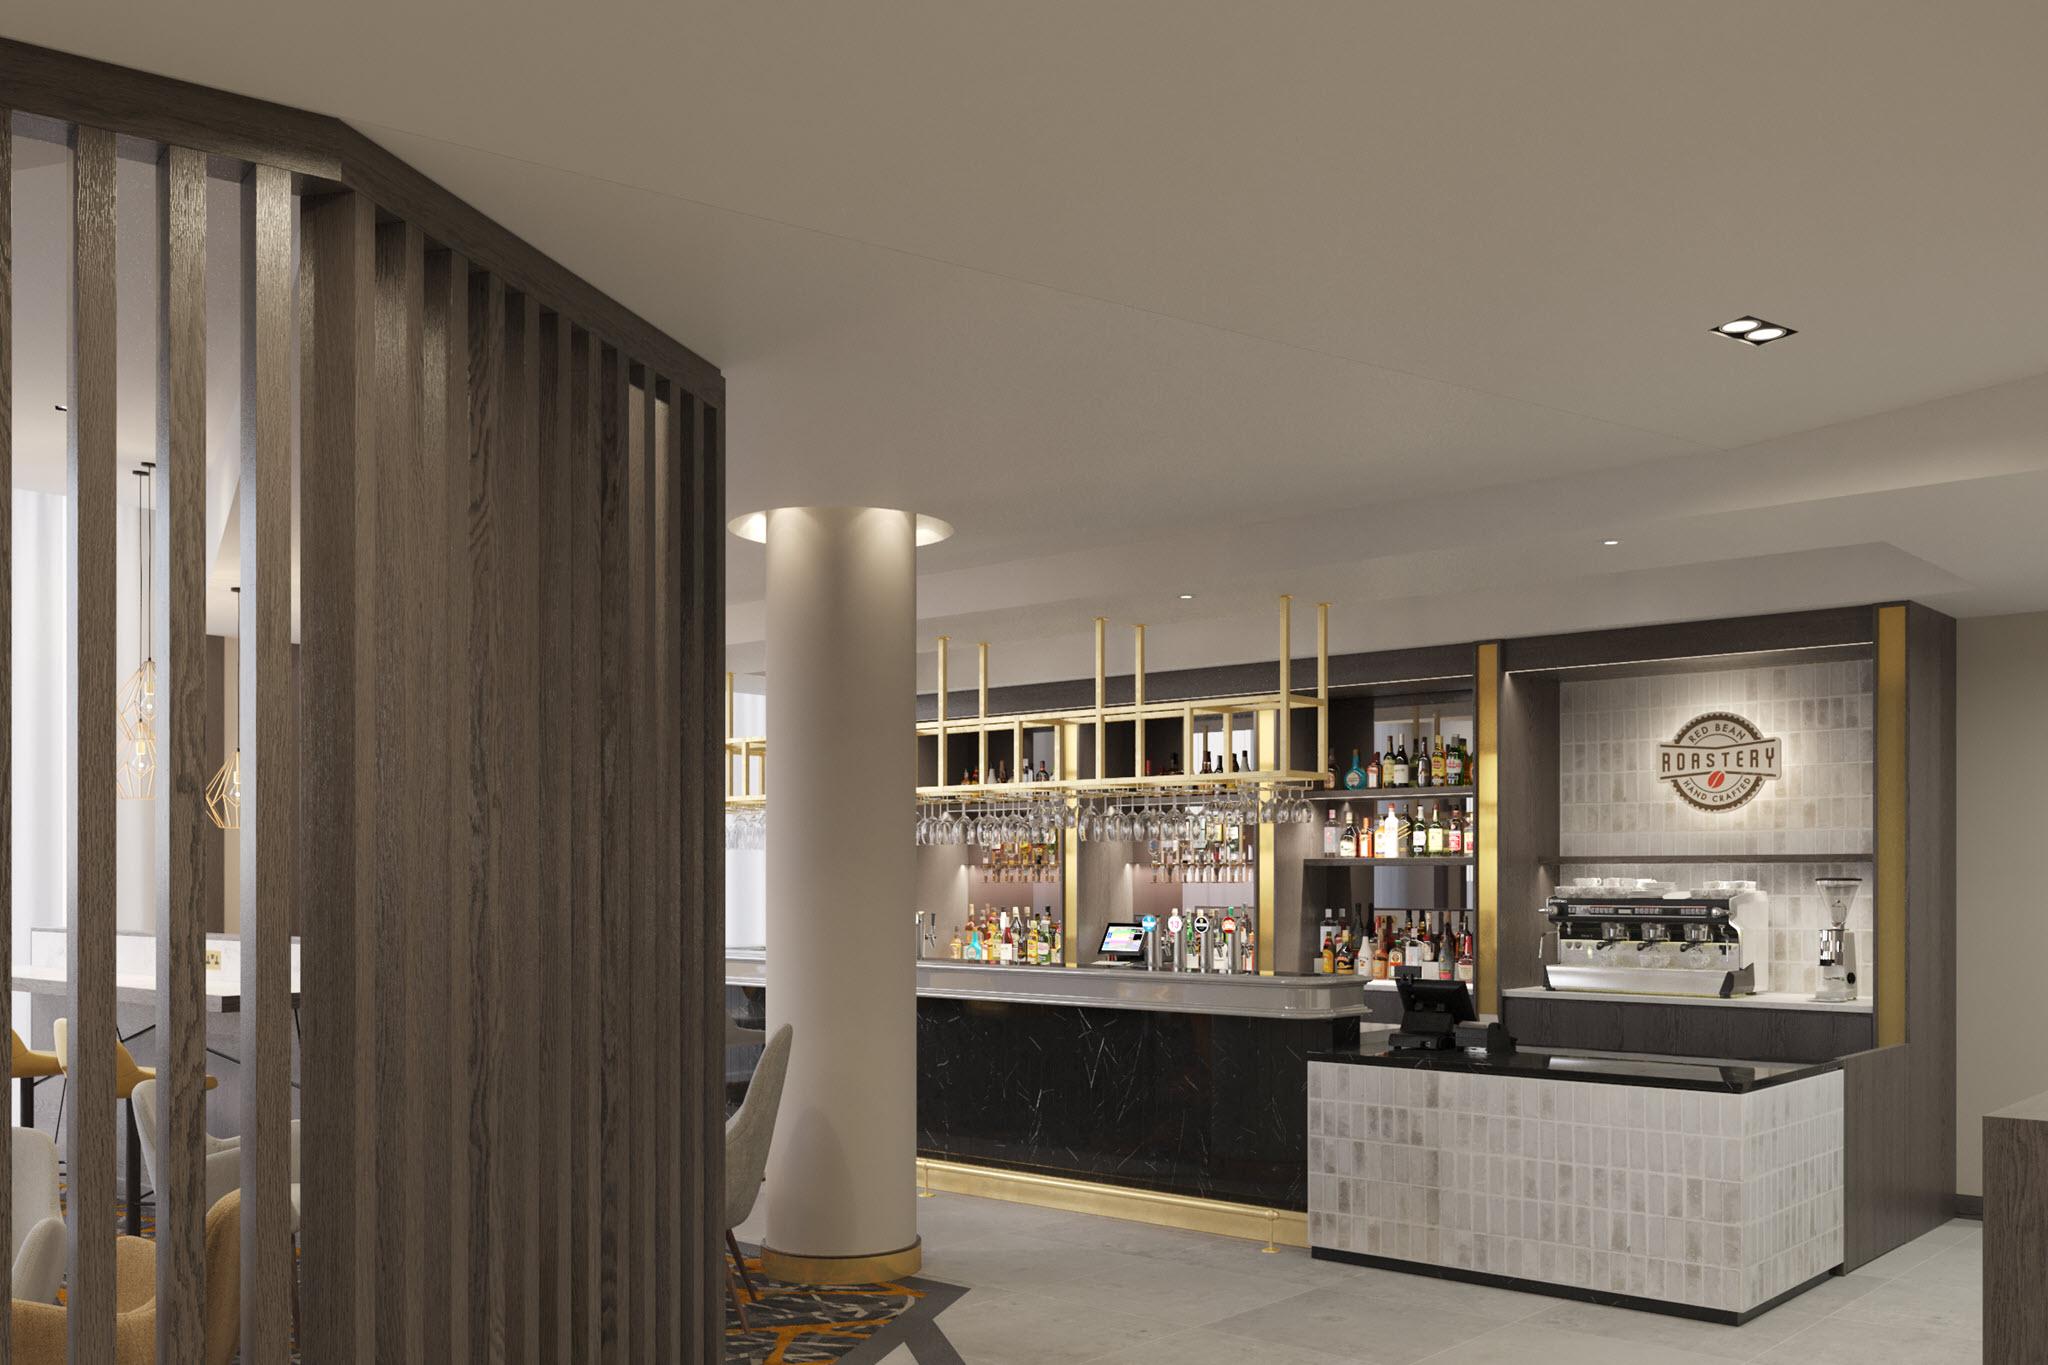 Maldron Glasgow RBR and bar